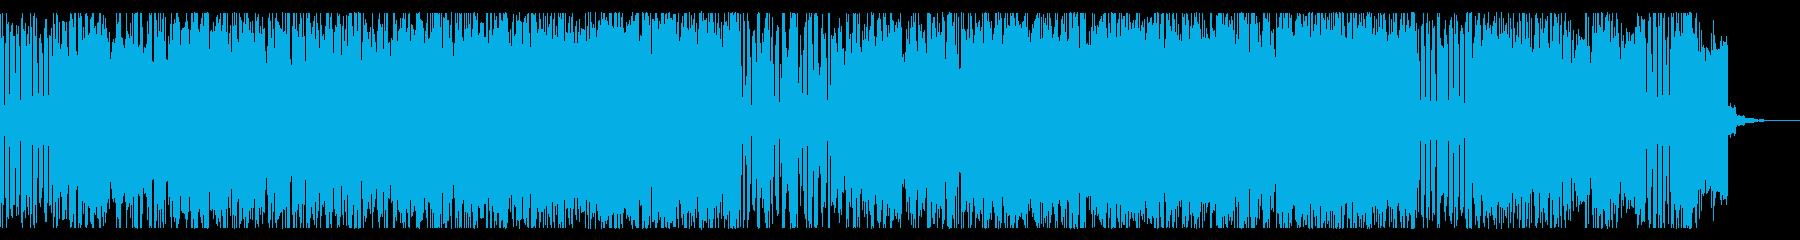 クールで軽快なチップチューンの再生済みの波形